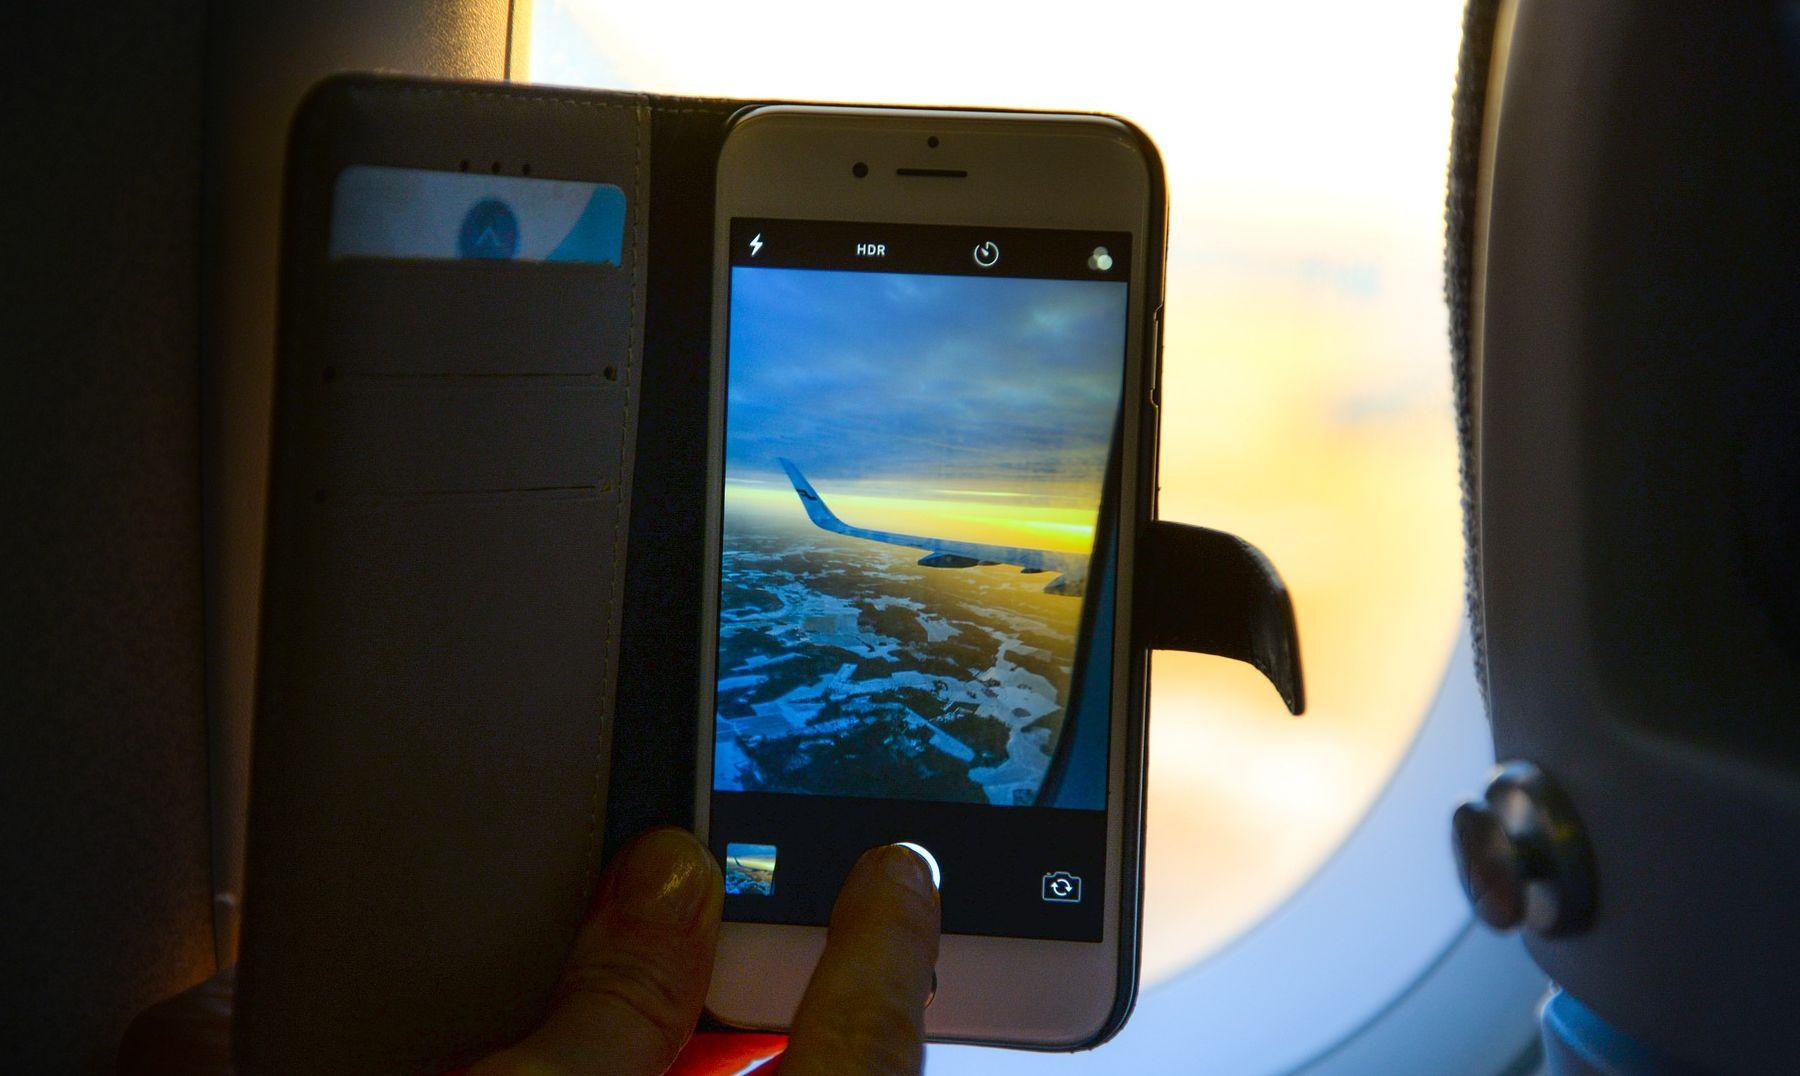 מכשירים במצב טיסה